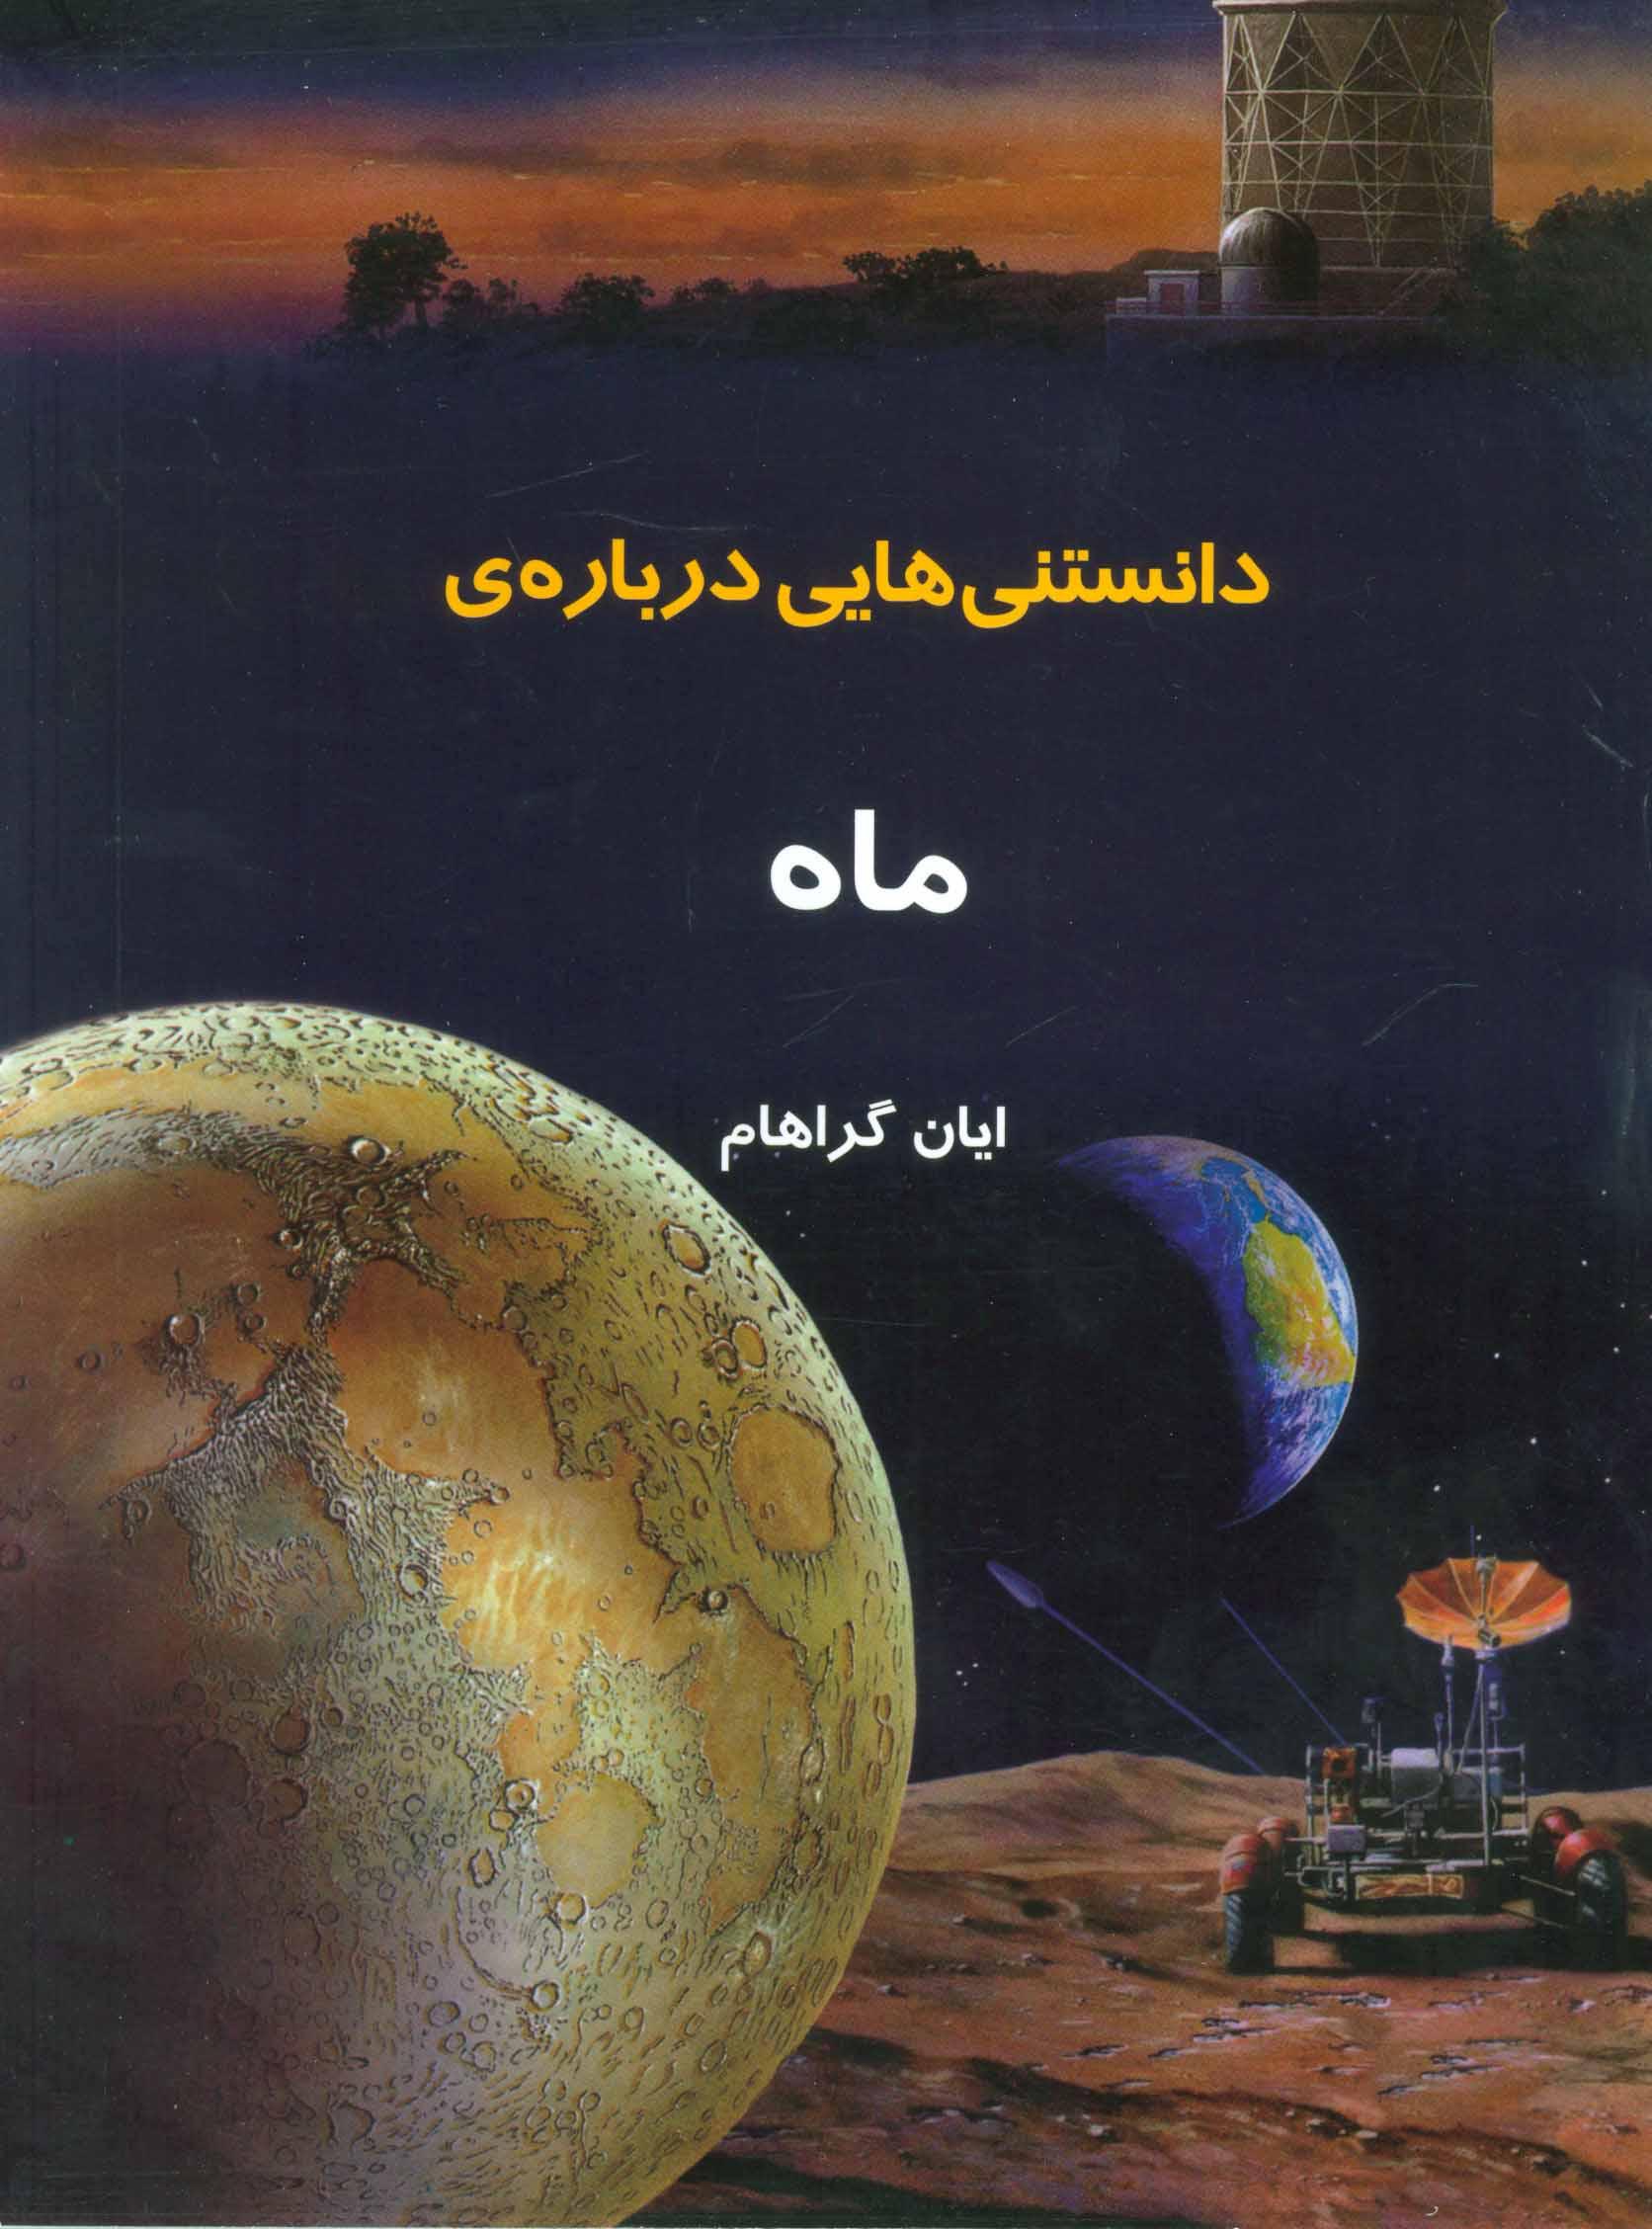 کتاب دانستنیهایی درباره ماه